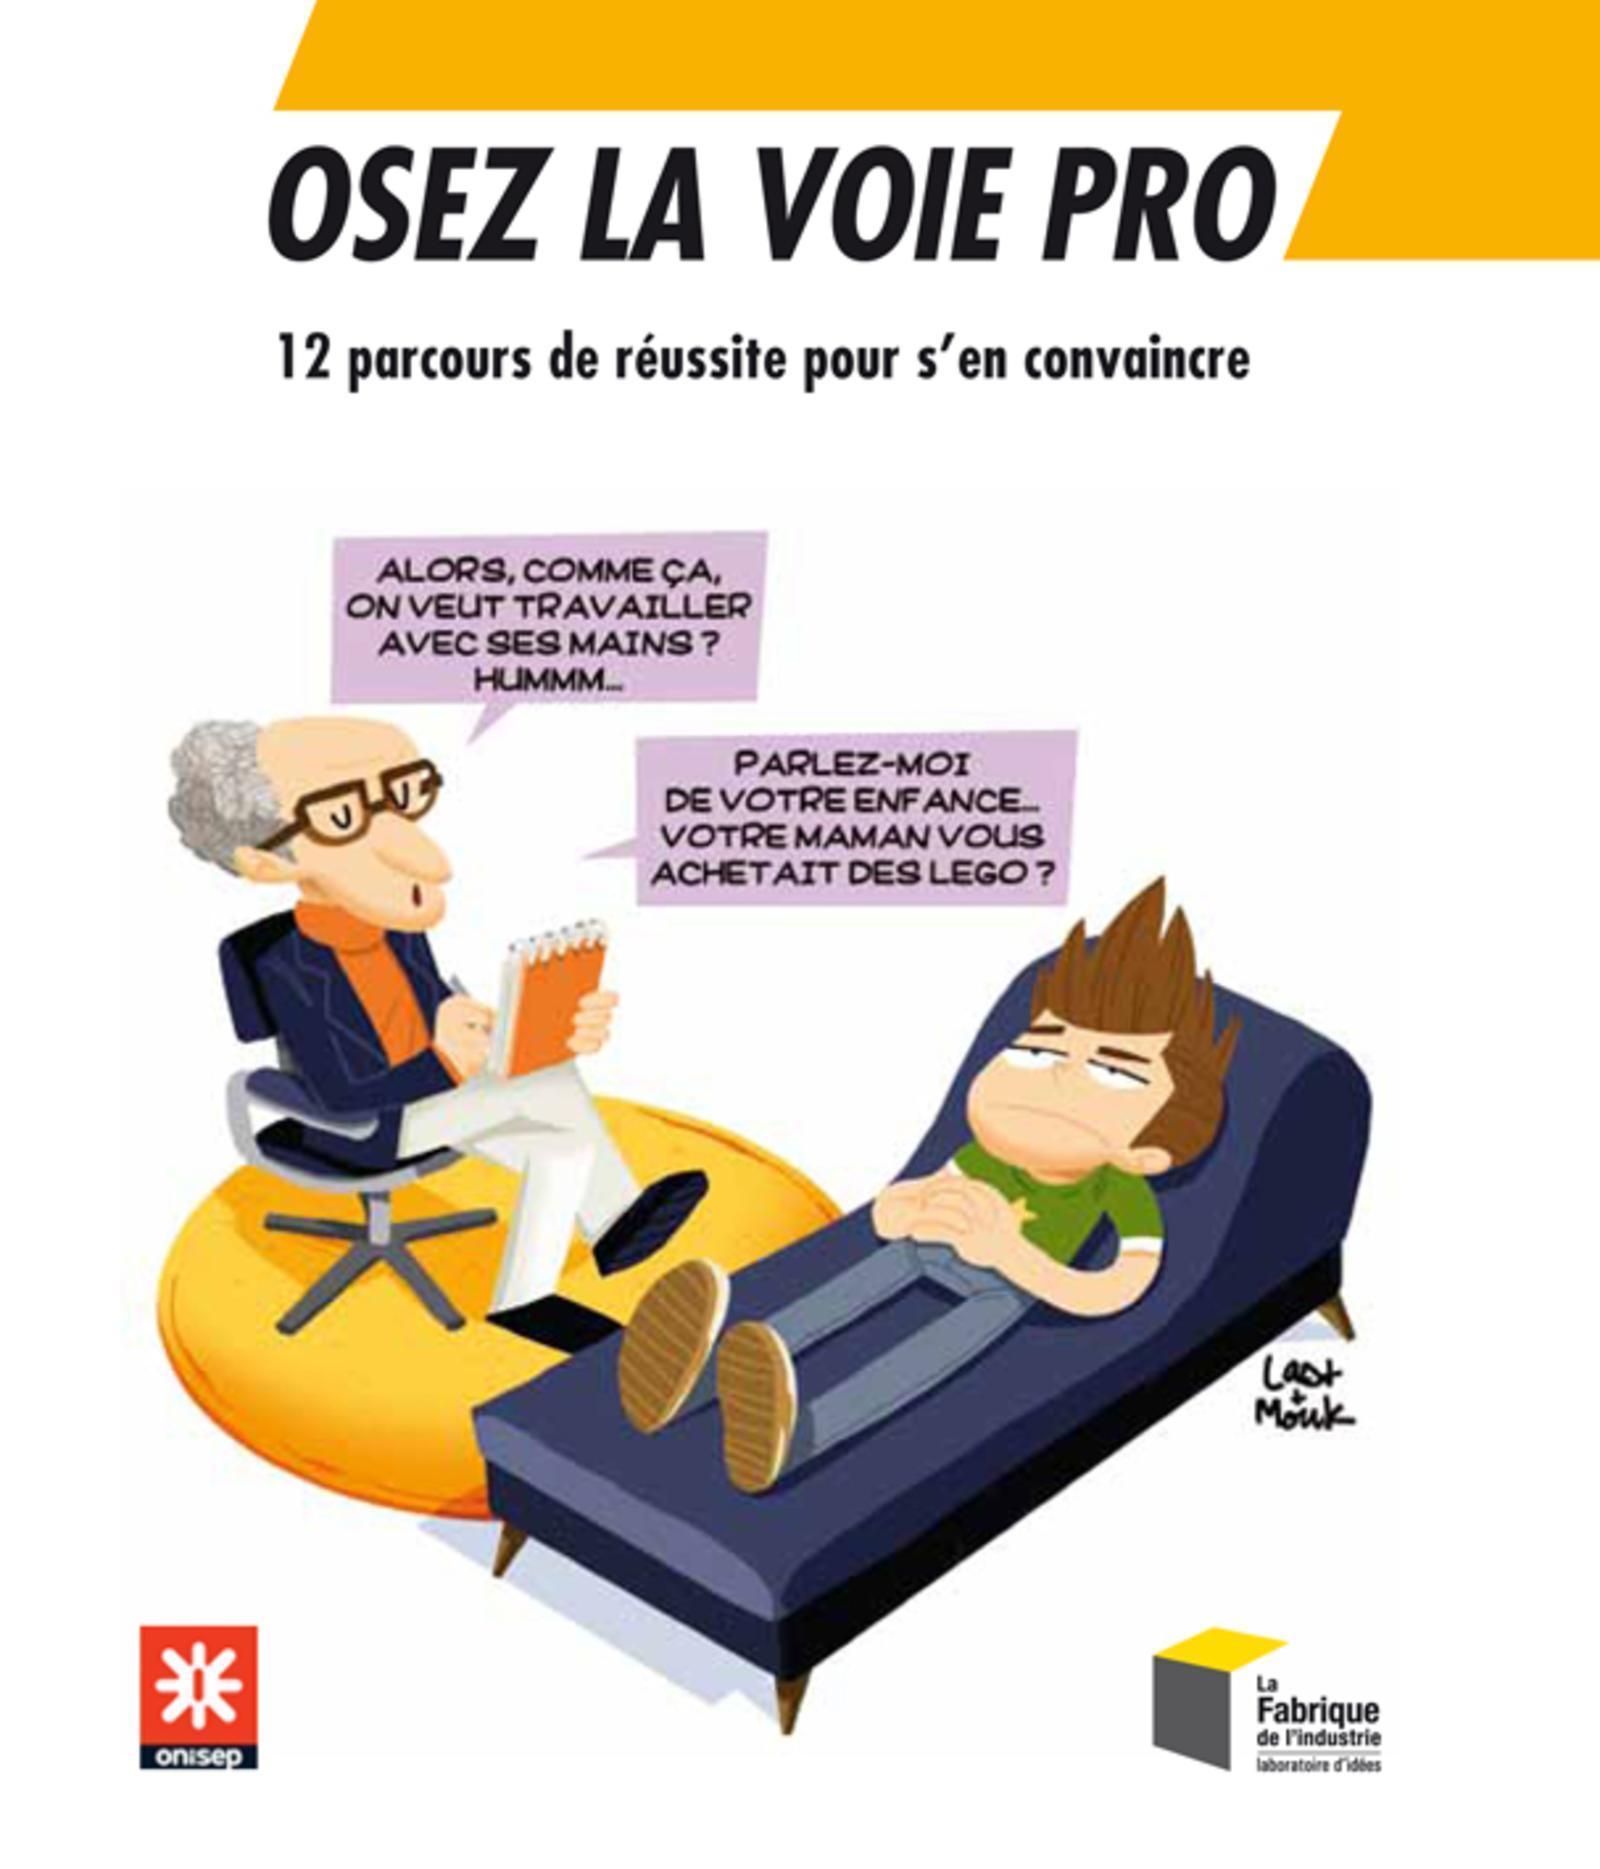 OSEZ LA VOIE PRO - 12 PARCOURS DE REUSSITE POUR S'EN CONVAINCRE.